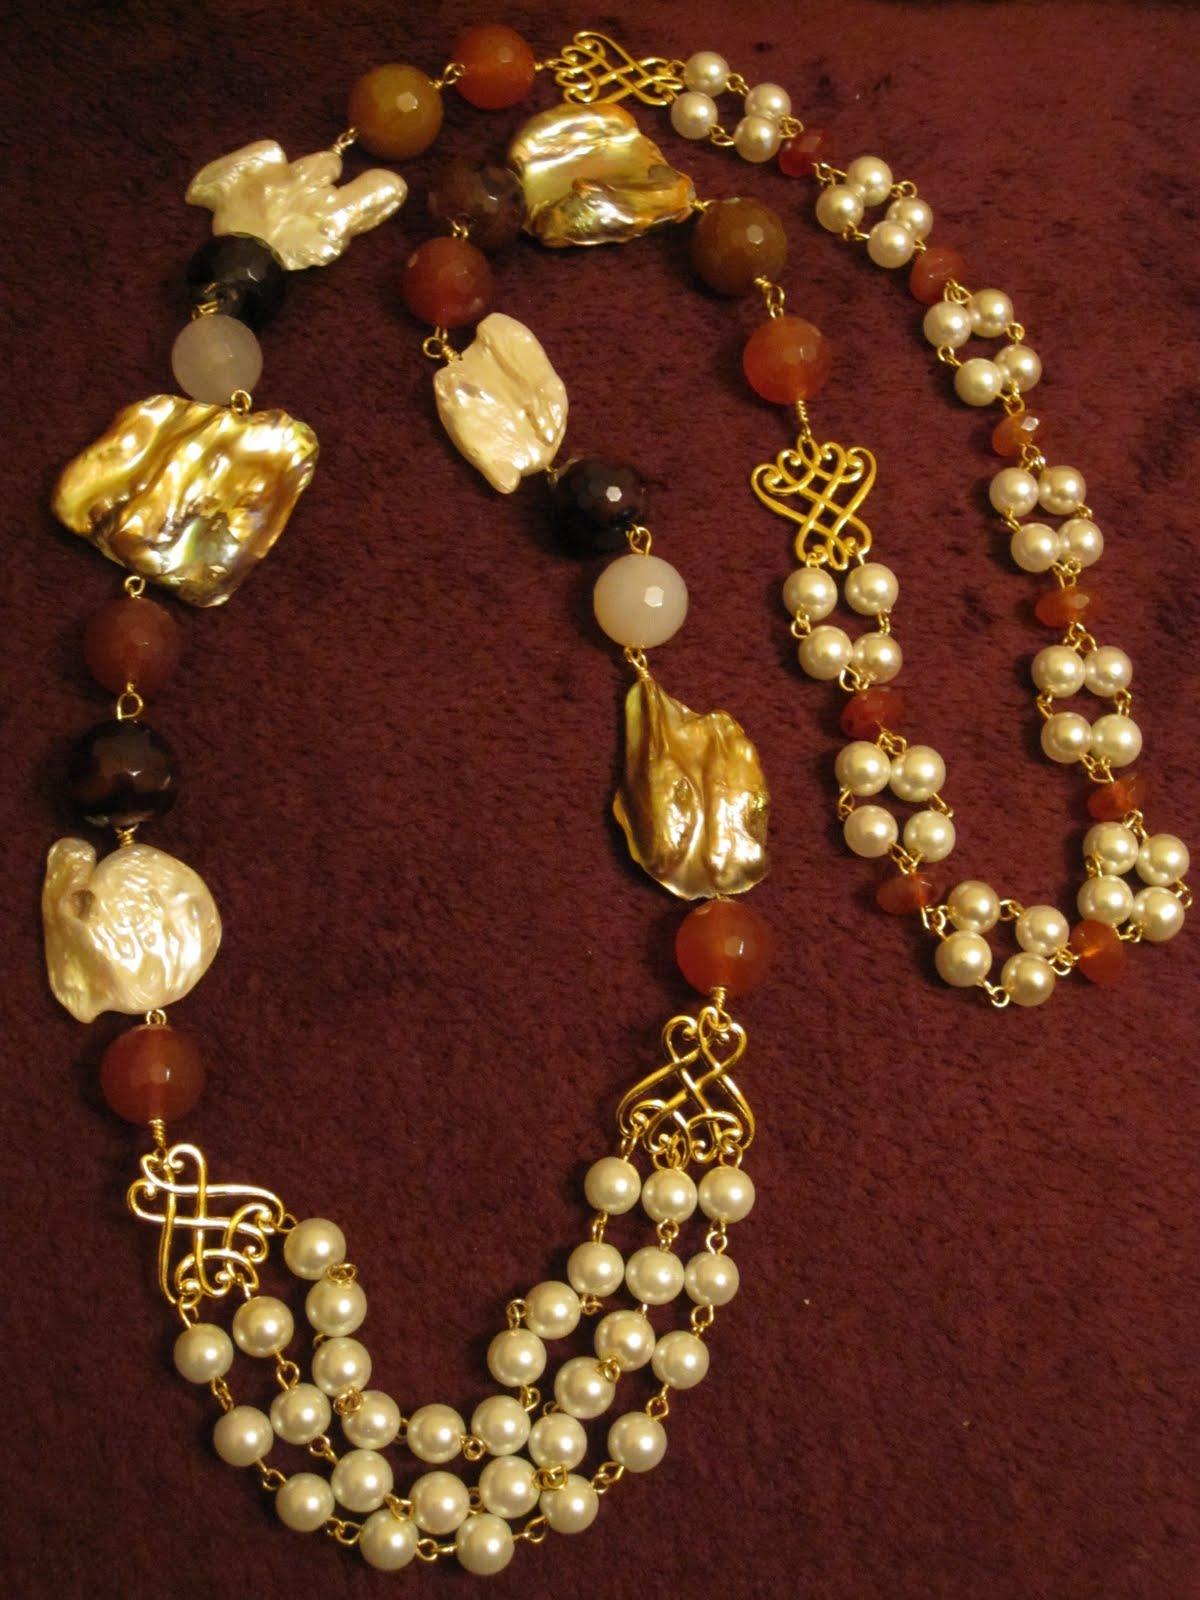 Collar largo en dorado con 6 perlas irregulares naturales en tonos marrón y blanco, diversas ágatas facetadas (color miel, marrón oscuro, marrón rojizo,